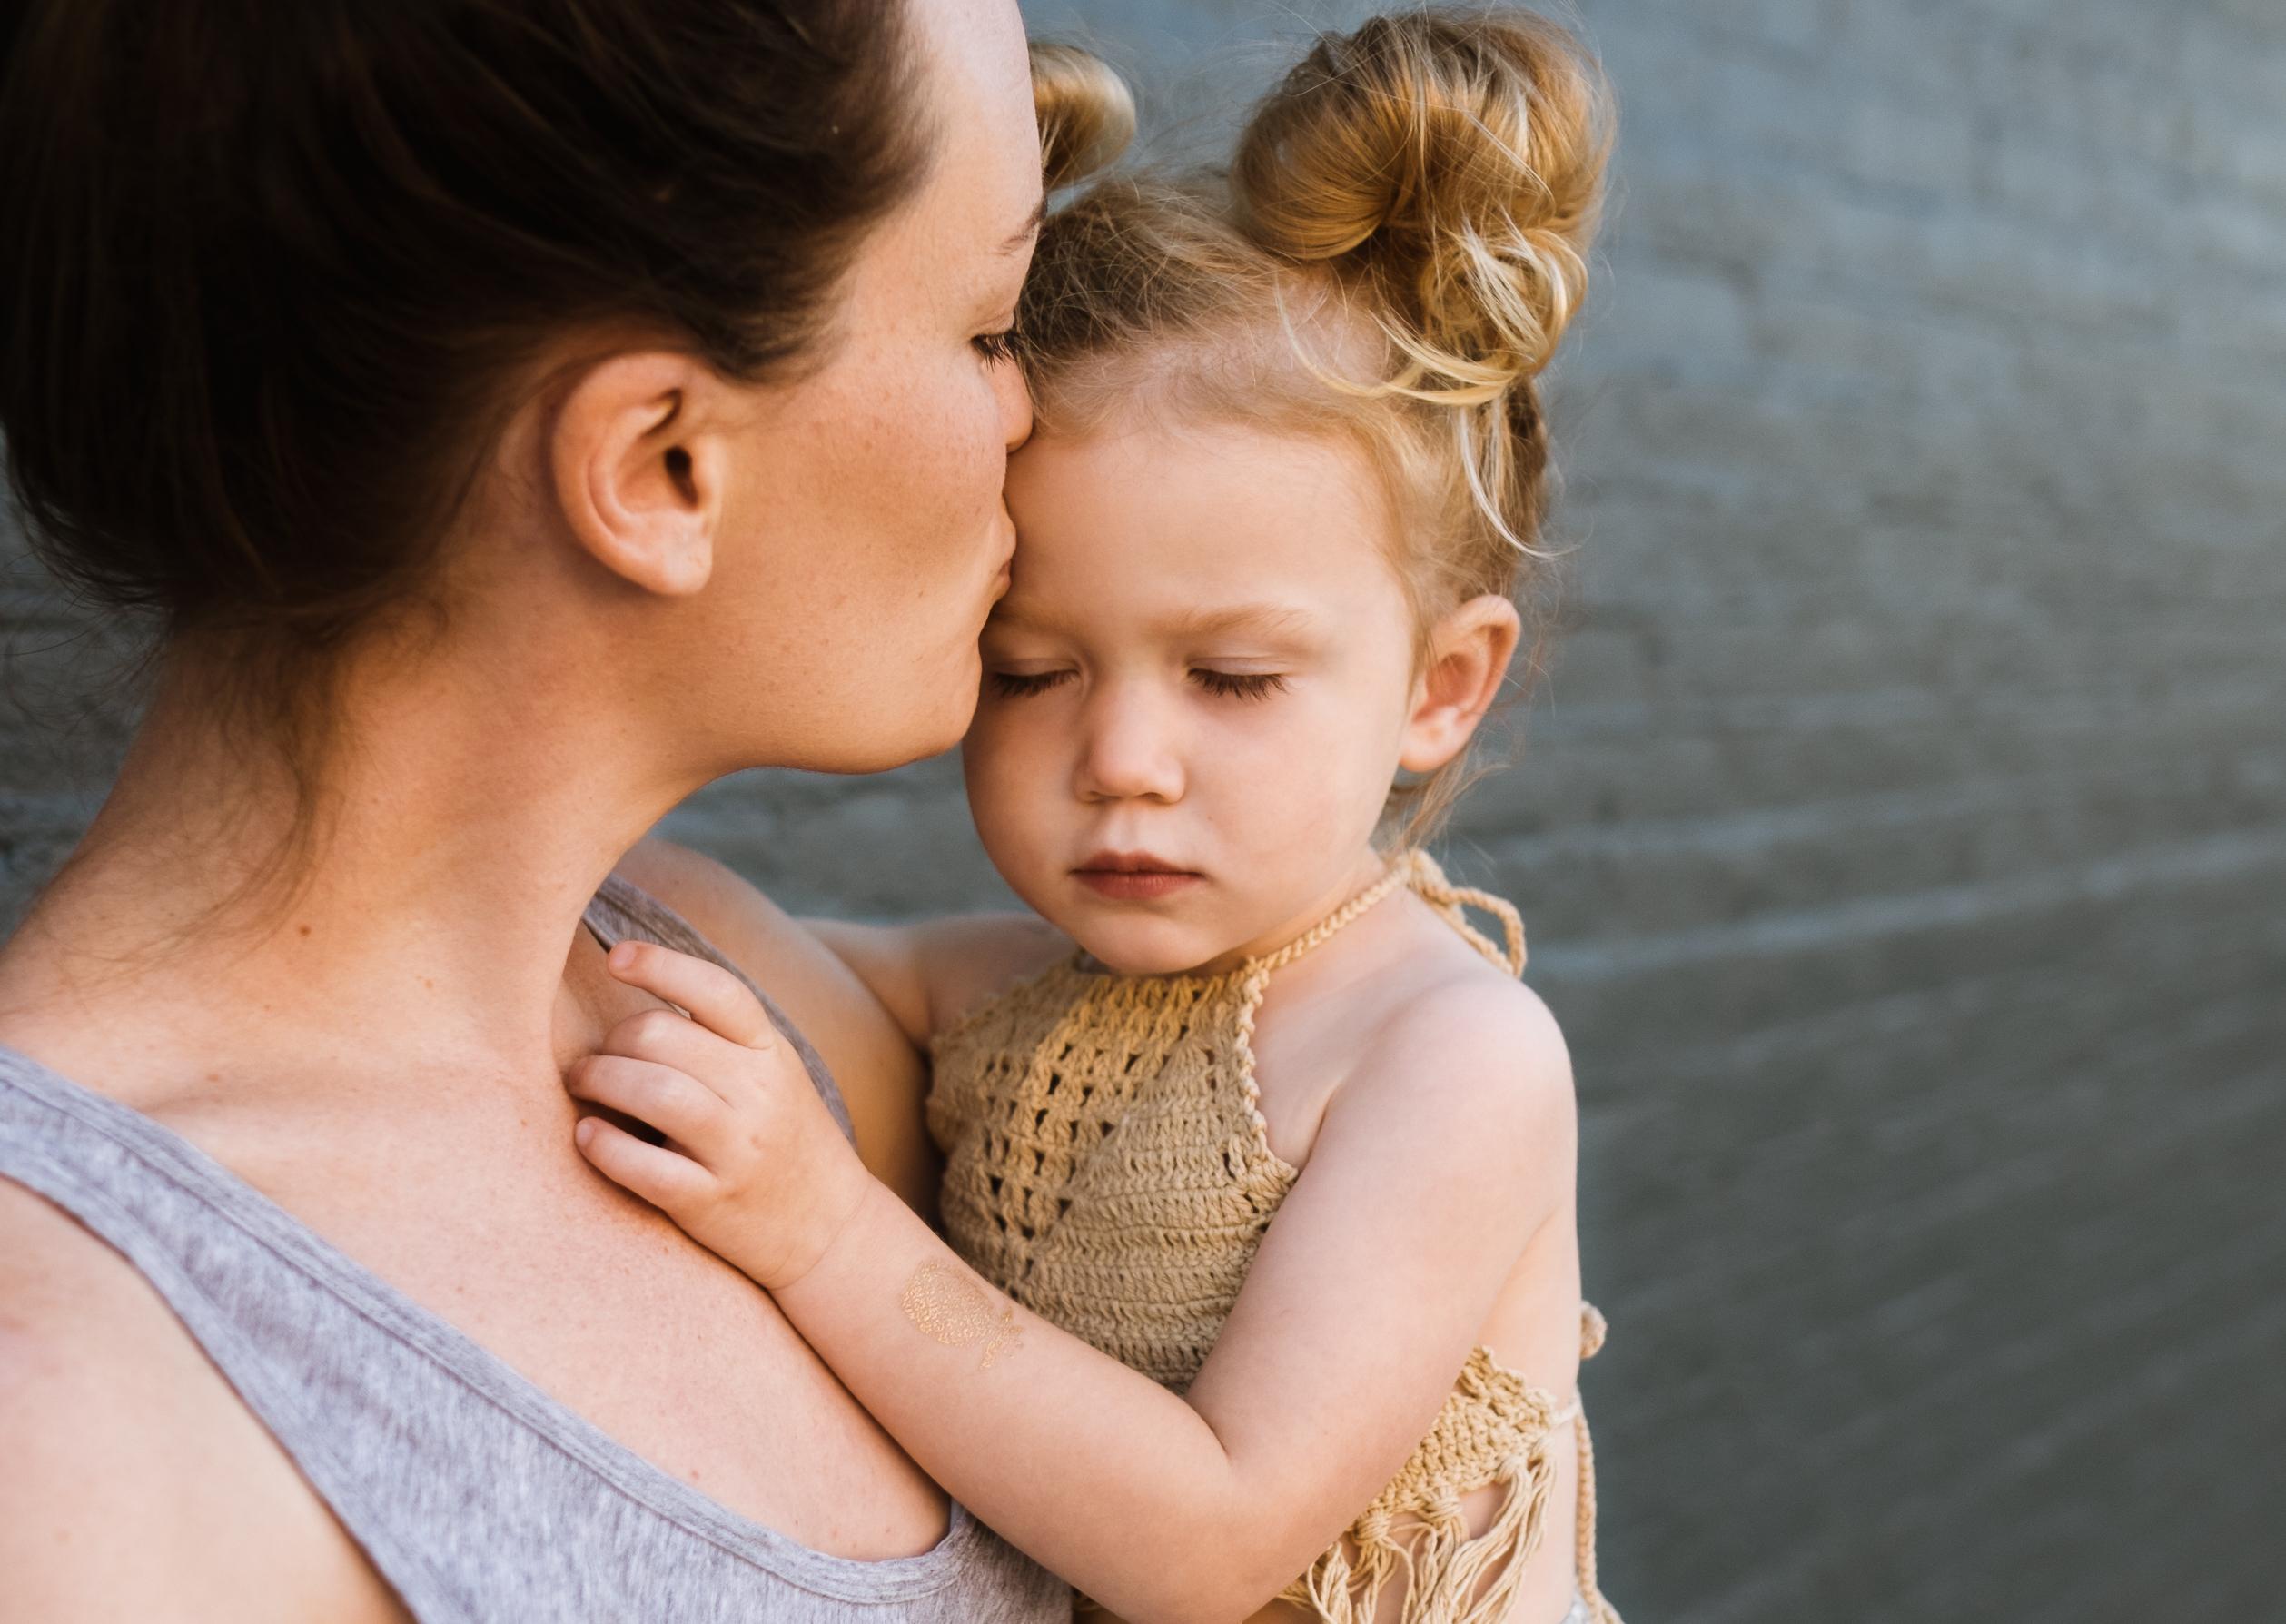 О женщинах с ребенком картинка